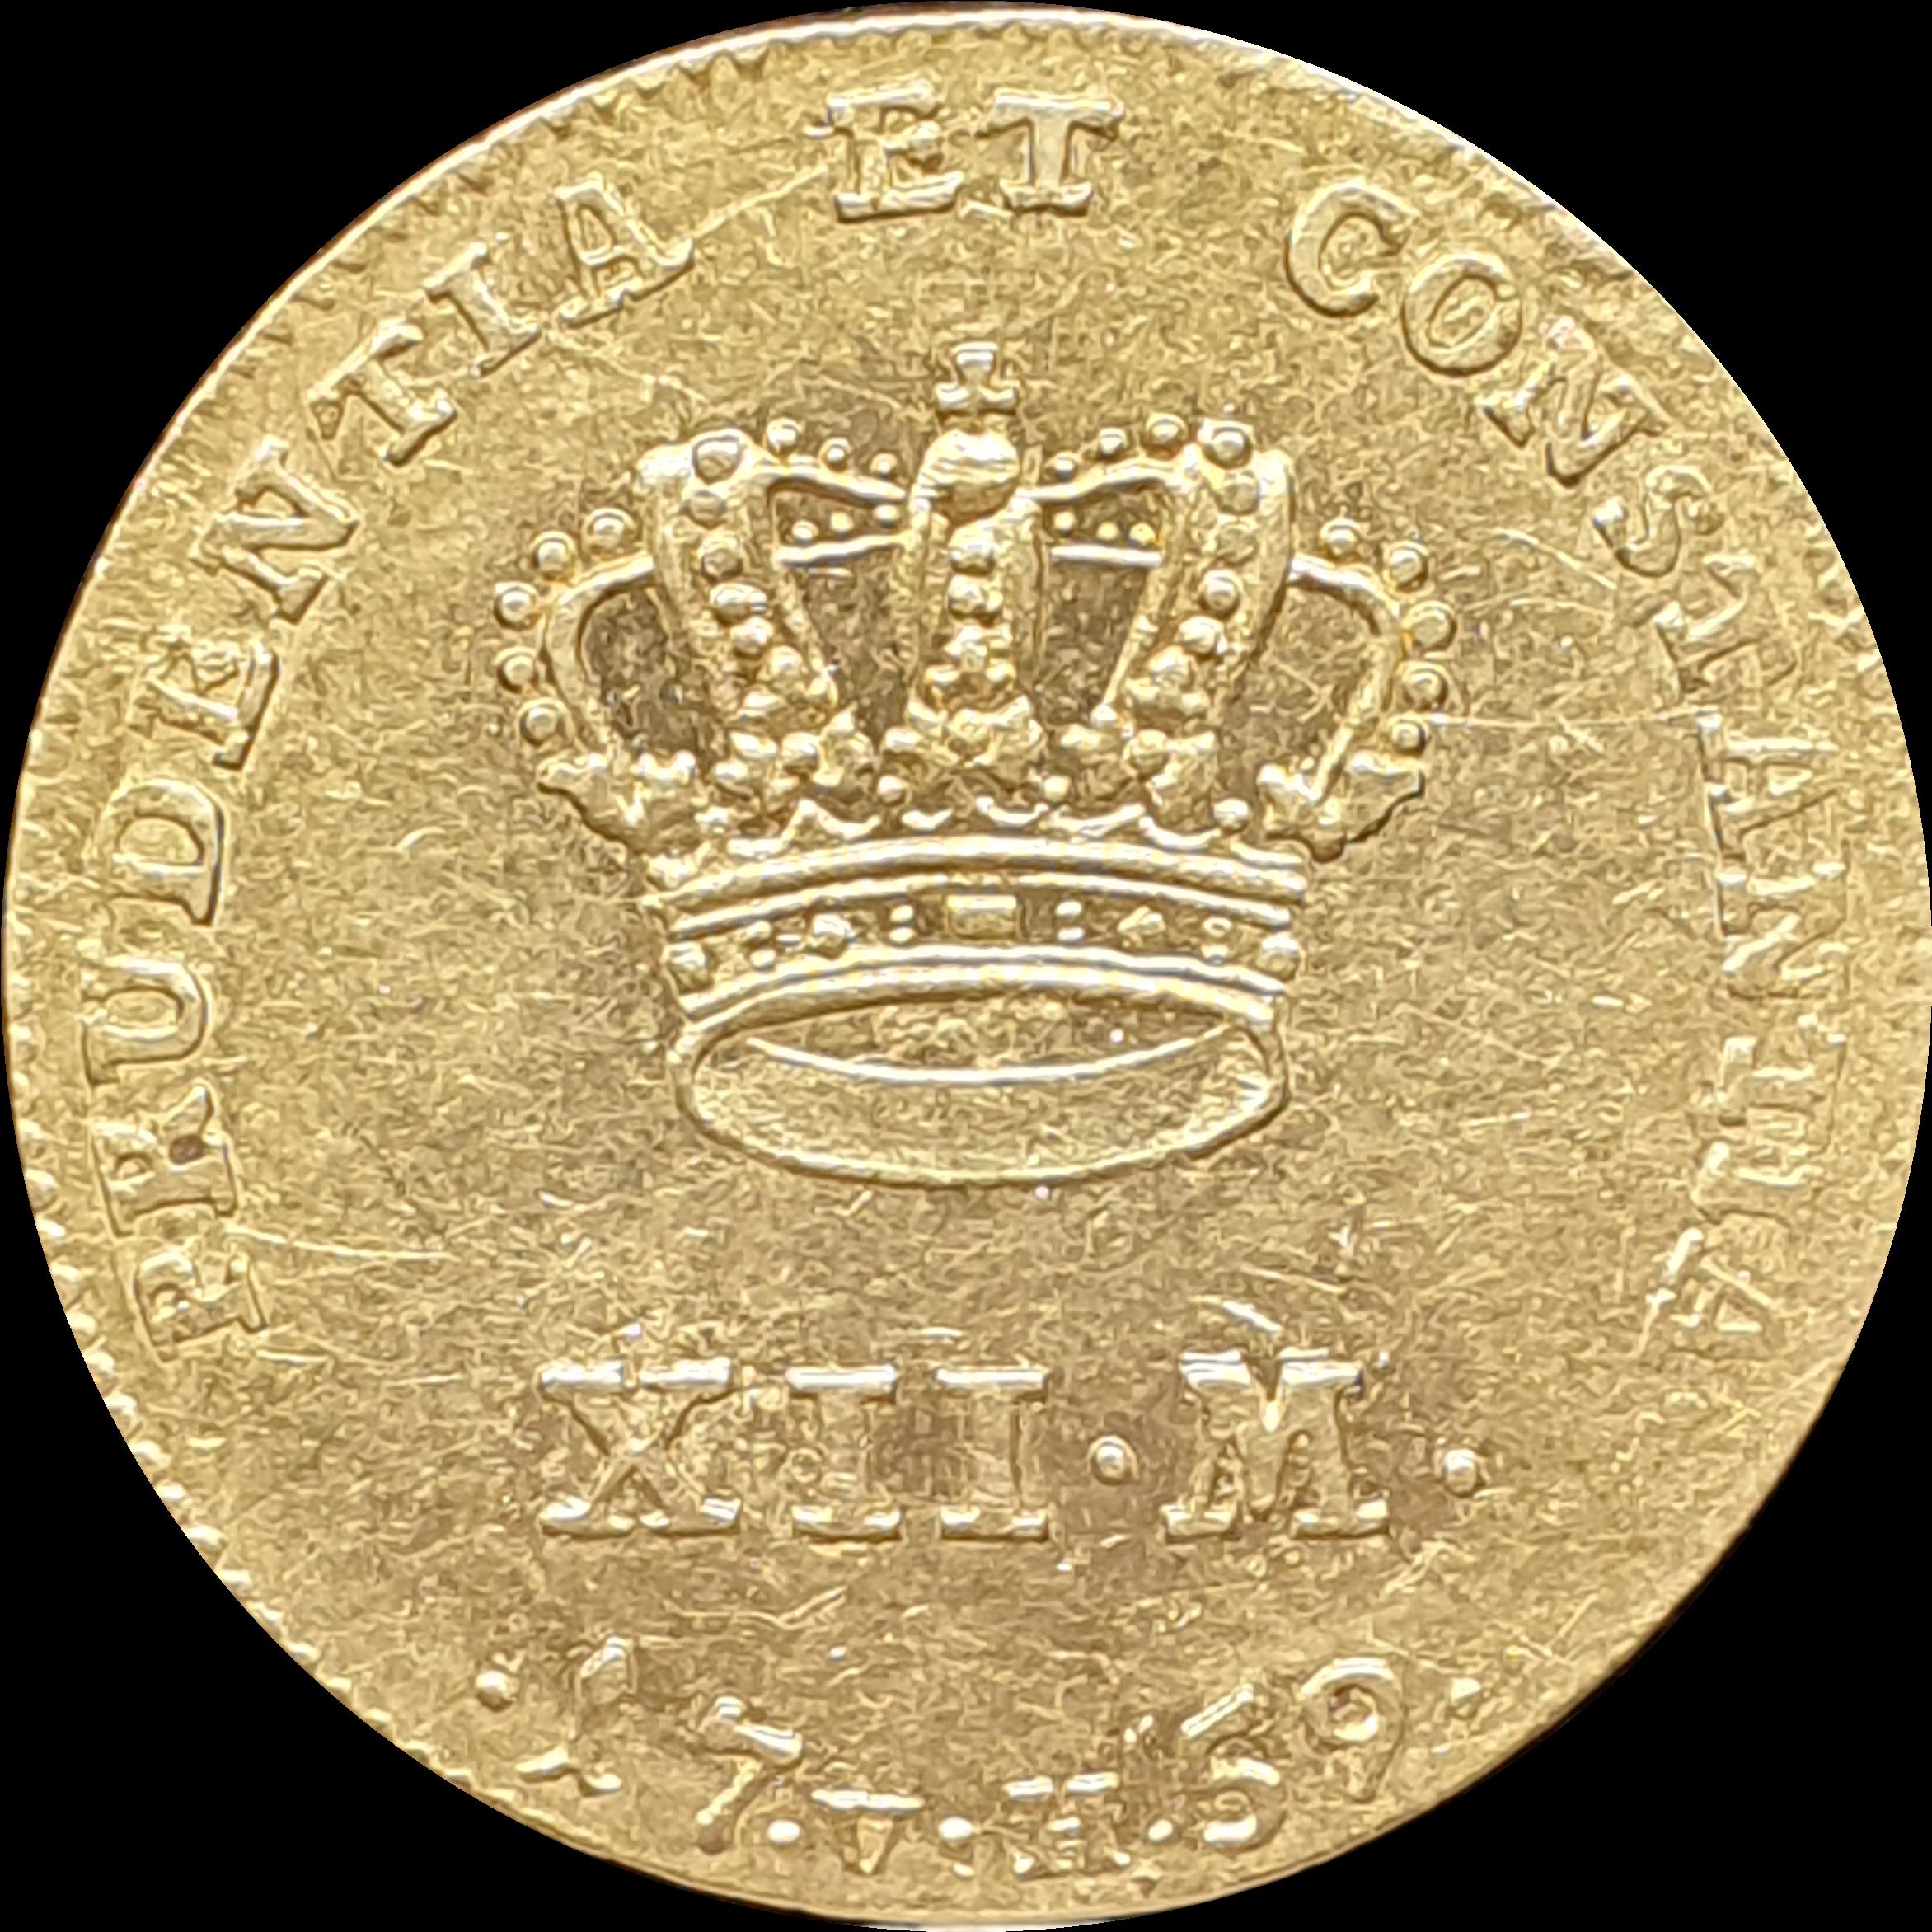 Denmark - 12 mark (ducat) - 1759 - Frederik V